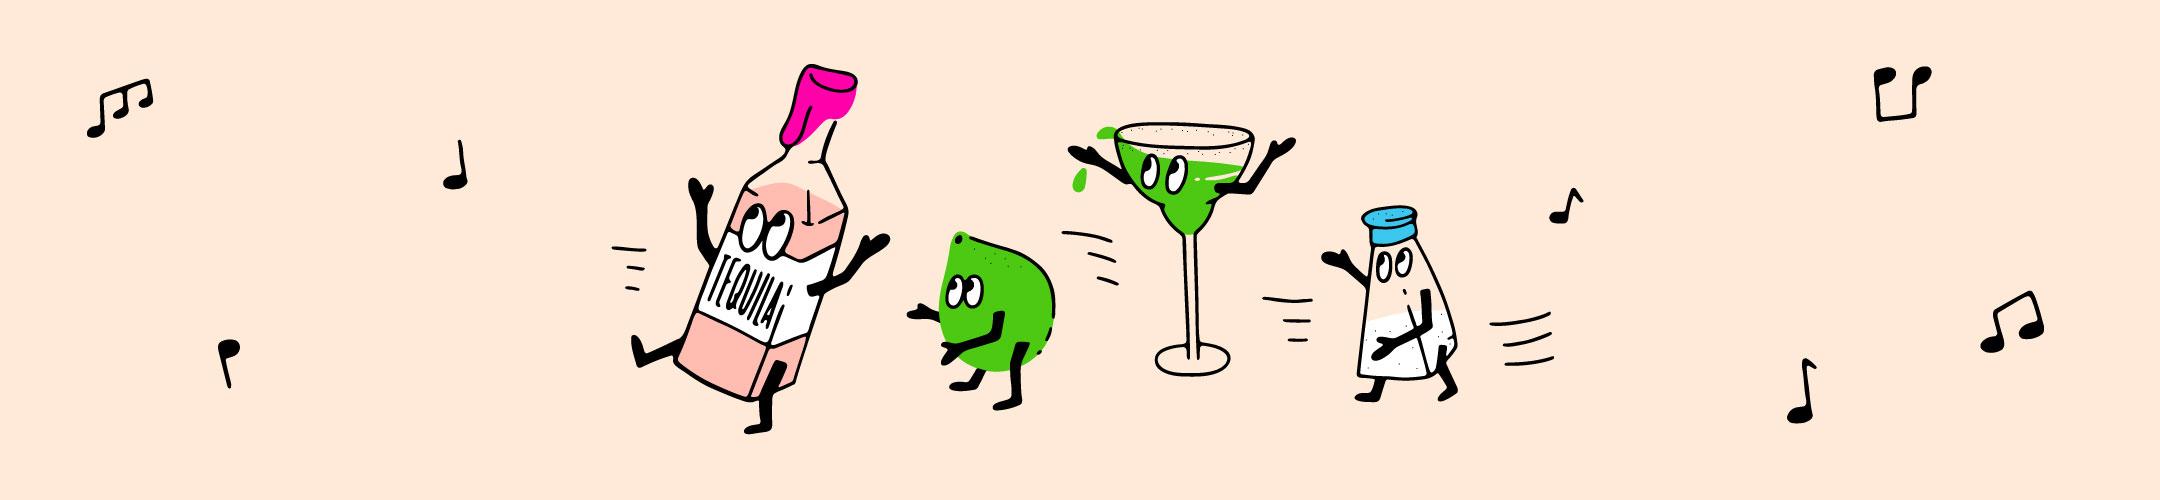 MArgarita-Dancing-Graphic.jpg